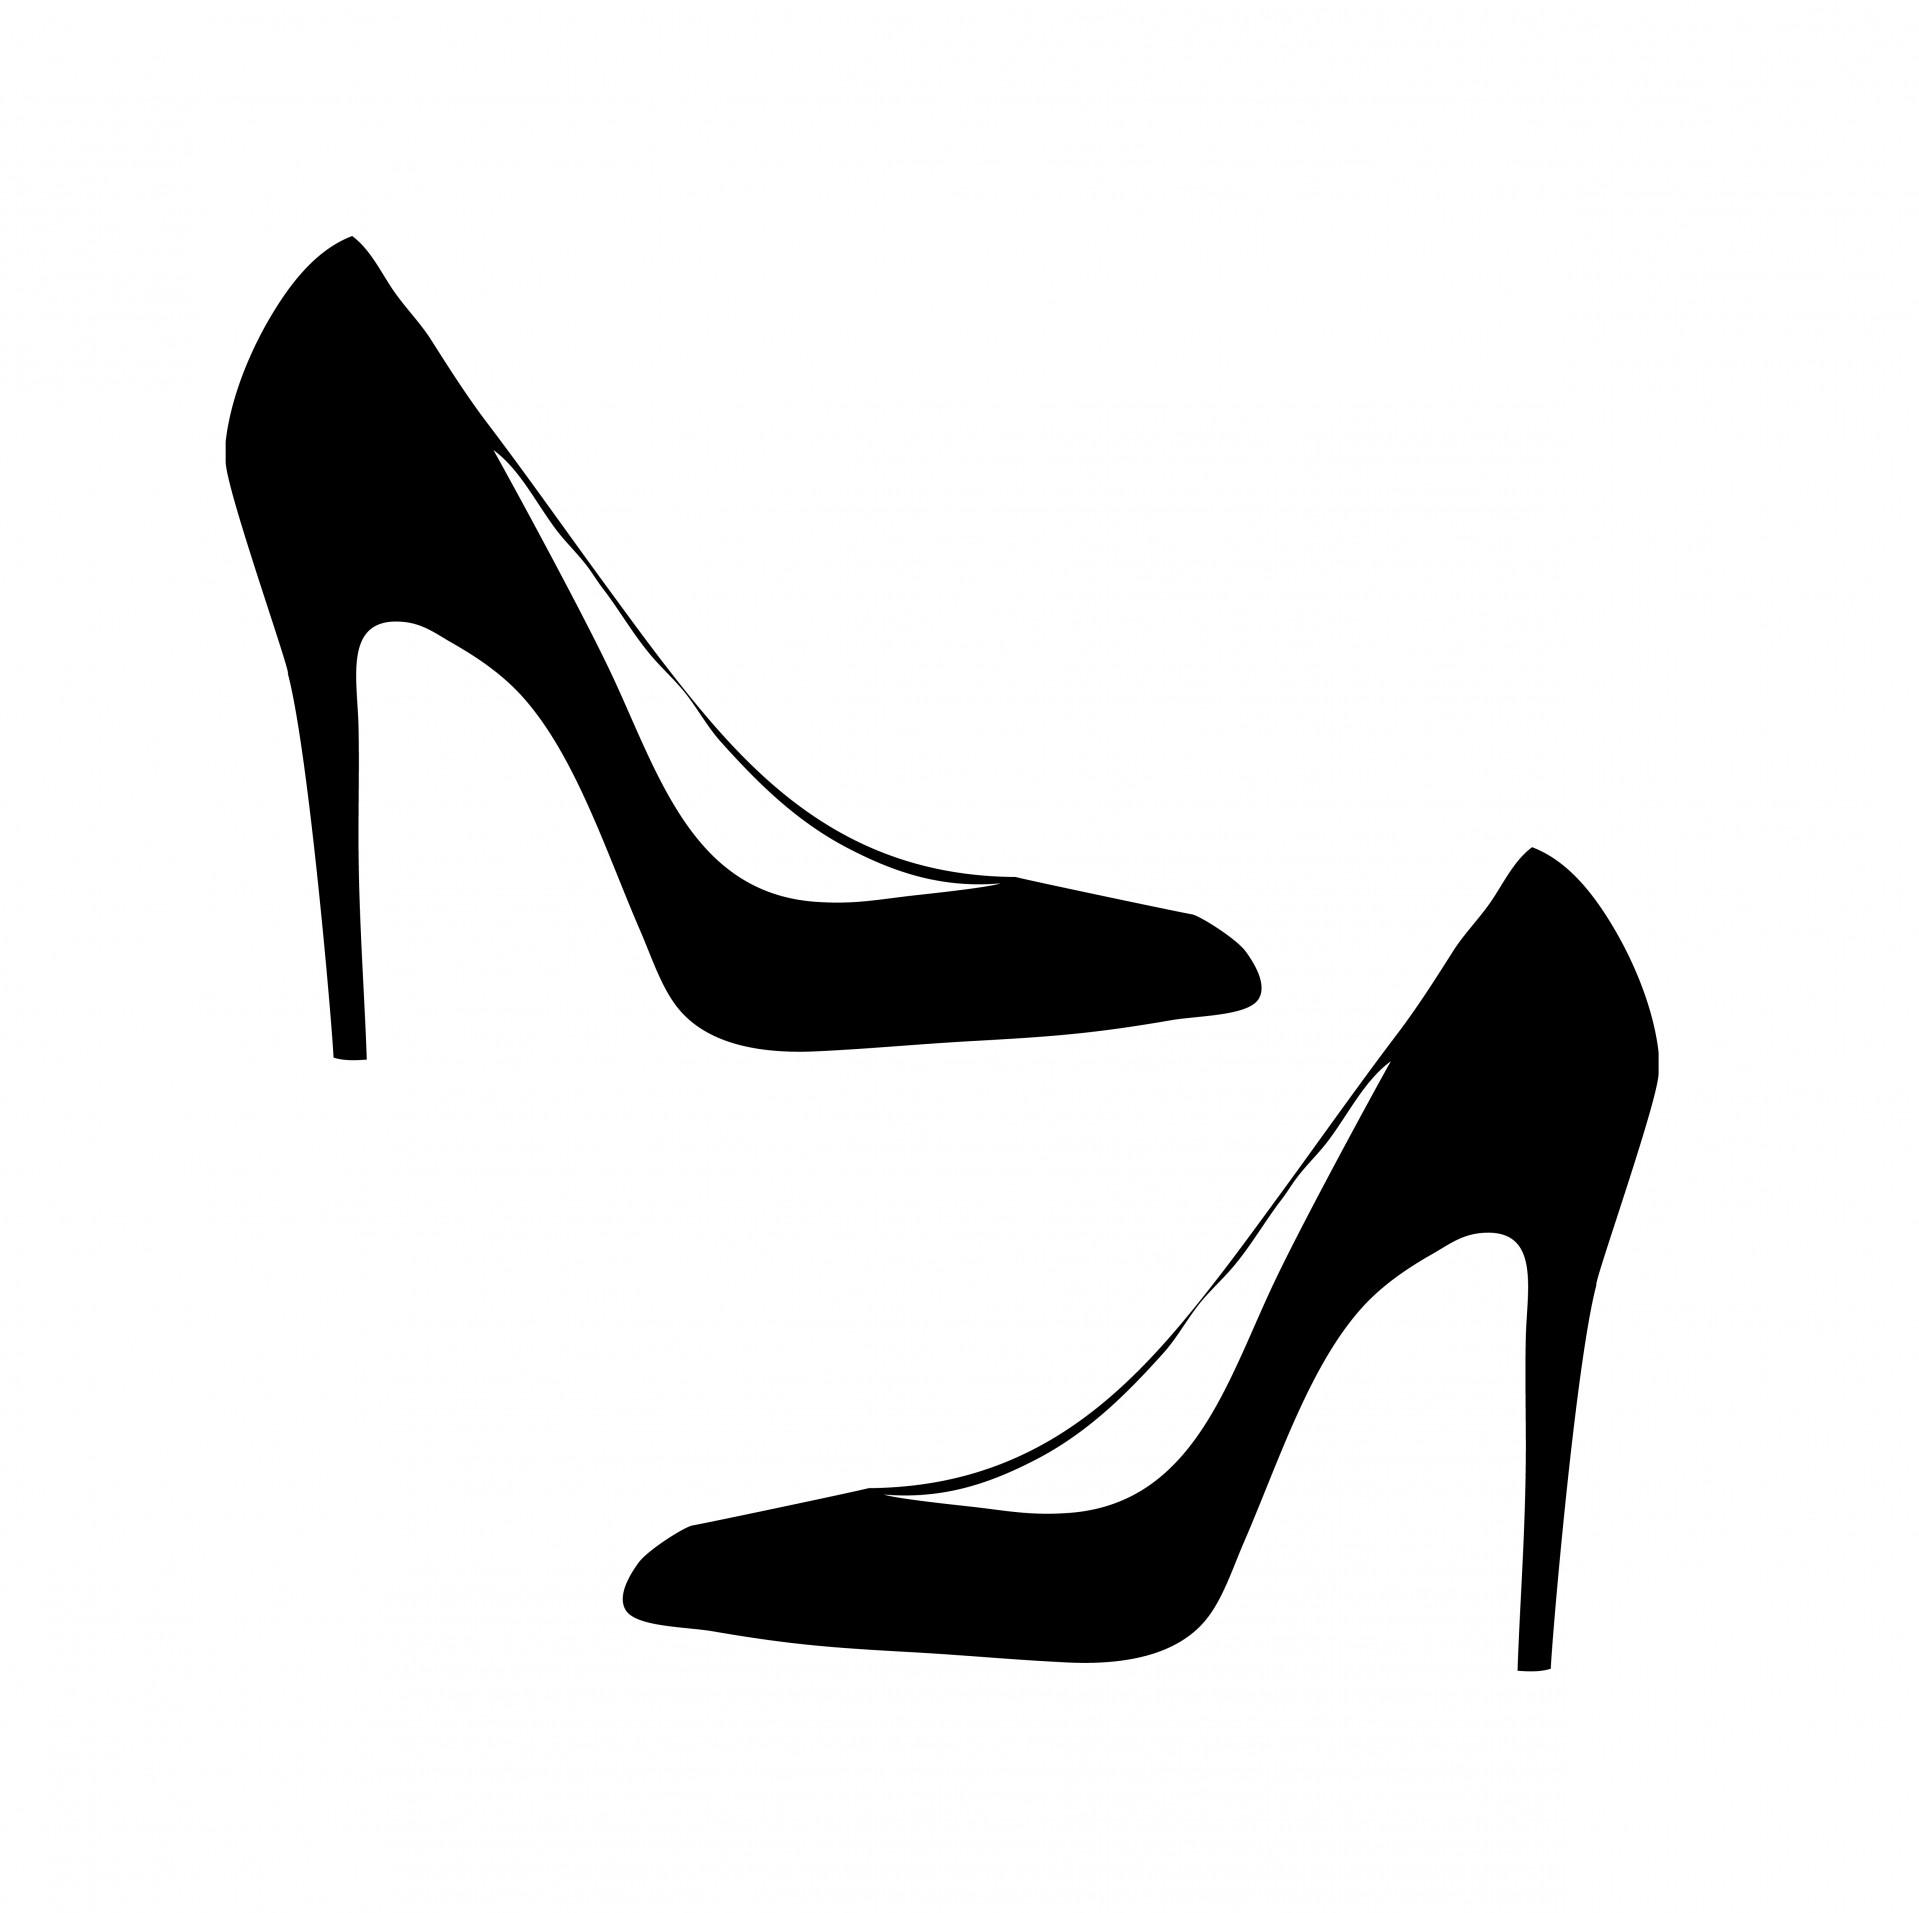 1919x1913 Heels Clipart Women's Shoe